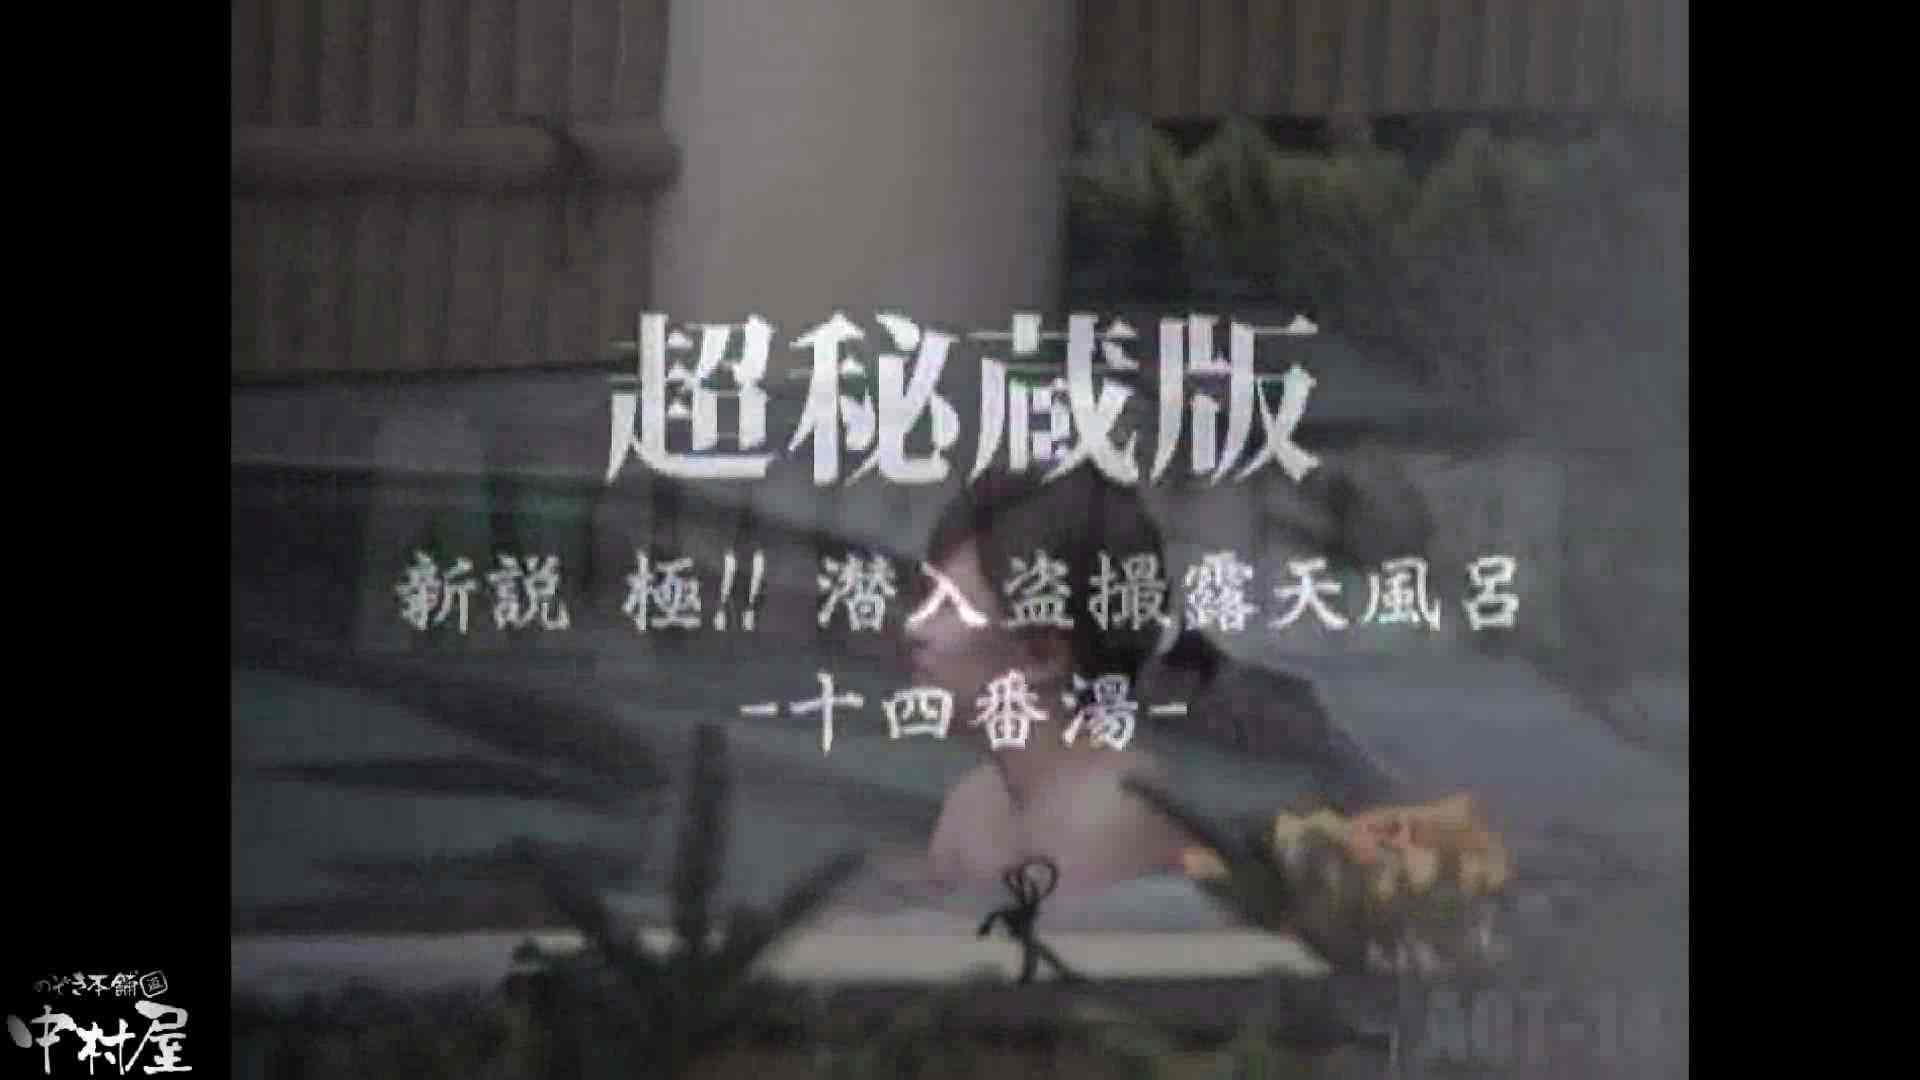 Aquaな露天風呂Vol.878潜入盗撮露天風呂十四判湯 其の二 潜入 | 盗撮シリーズ  82PIX 22